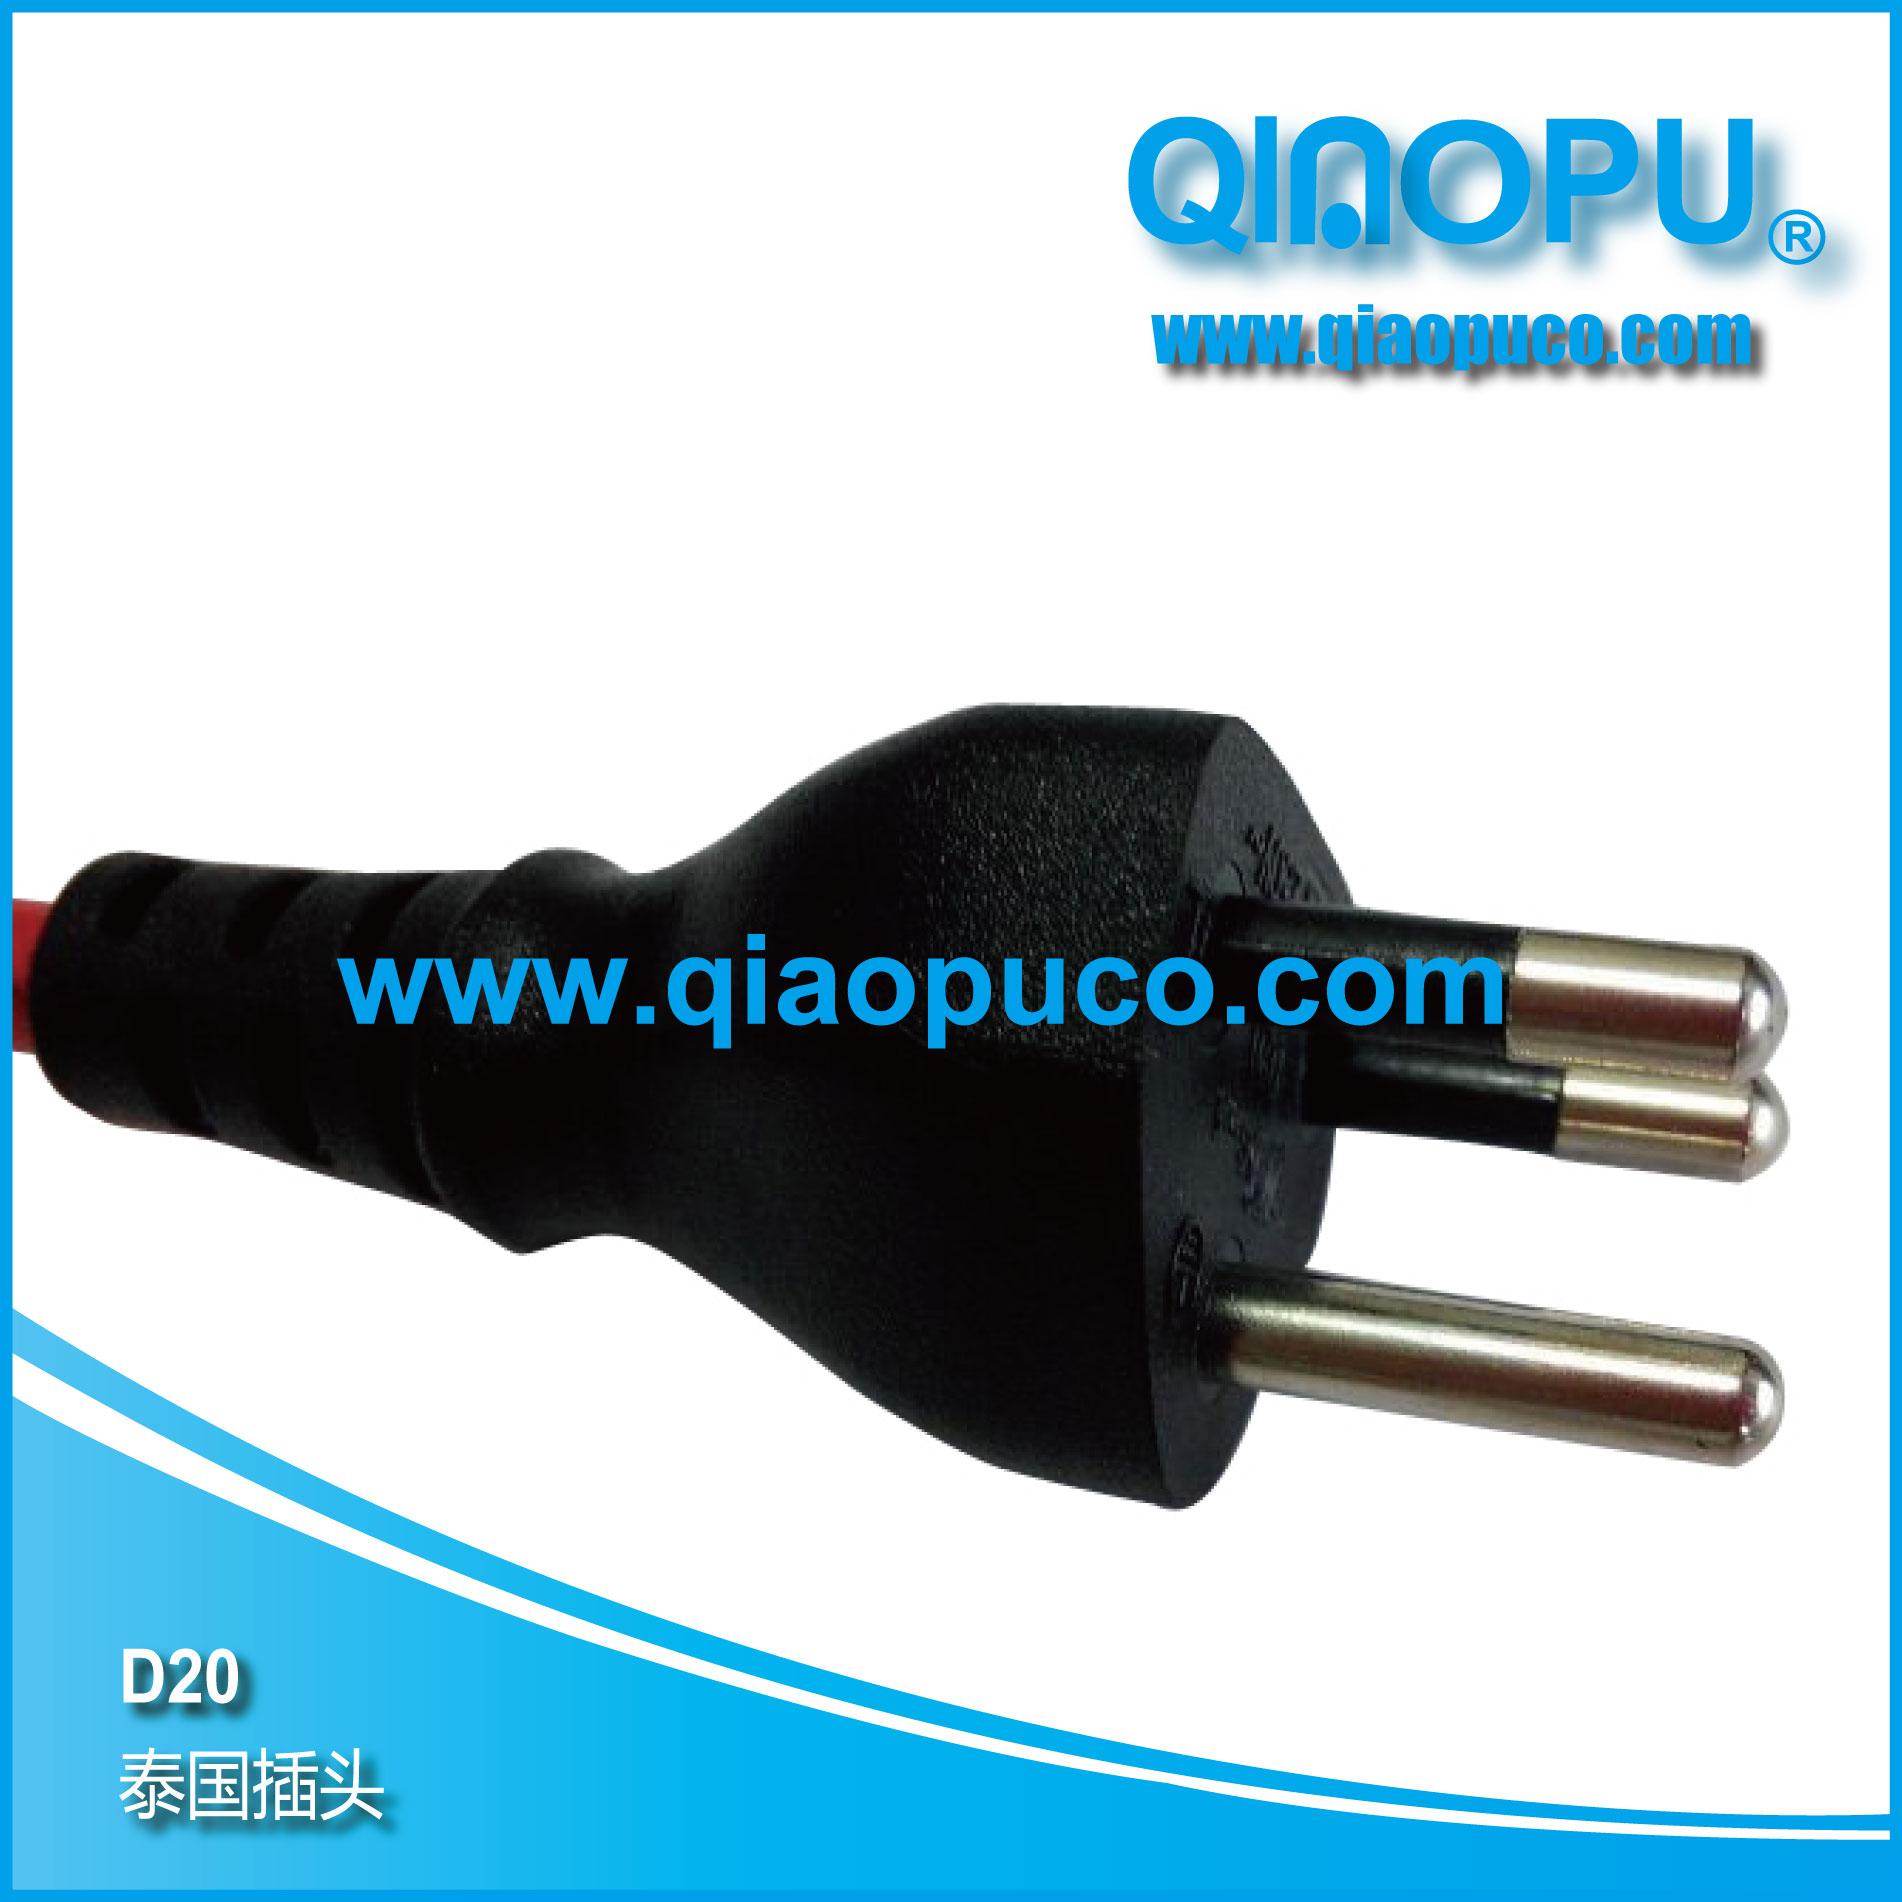 三芯插头的接线标示